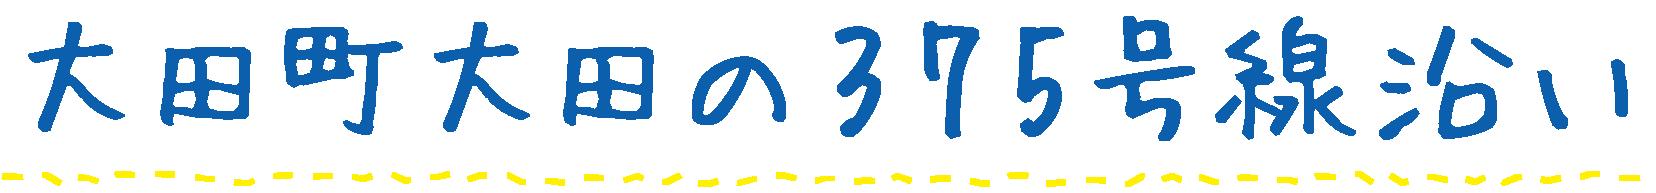 大田長大田の375号線沿いにふじわら眼科クリニックOPEN!